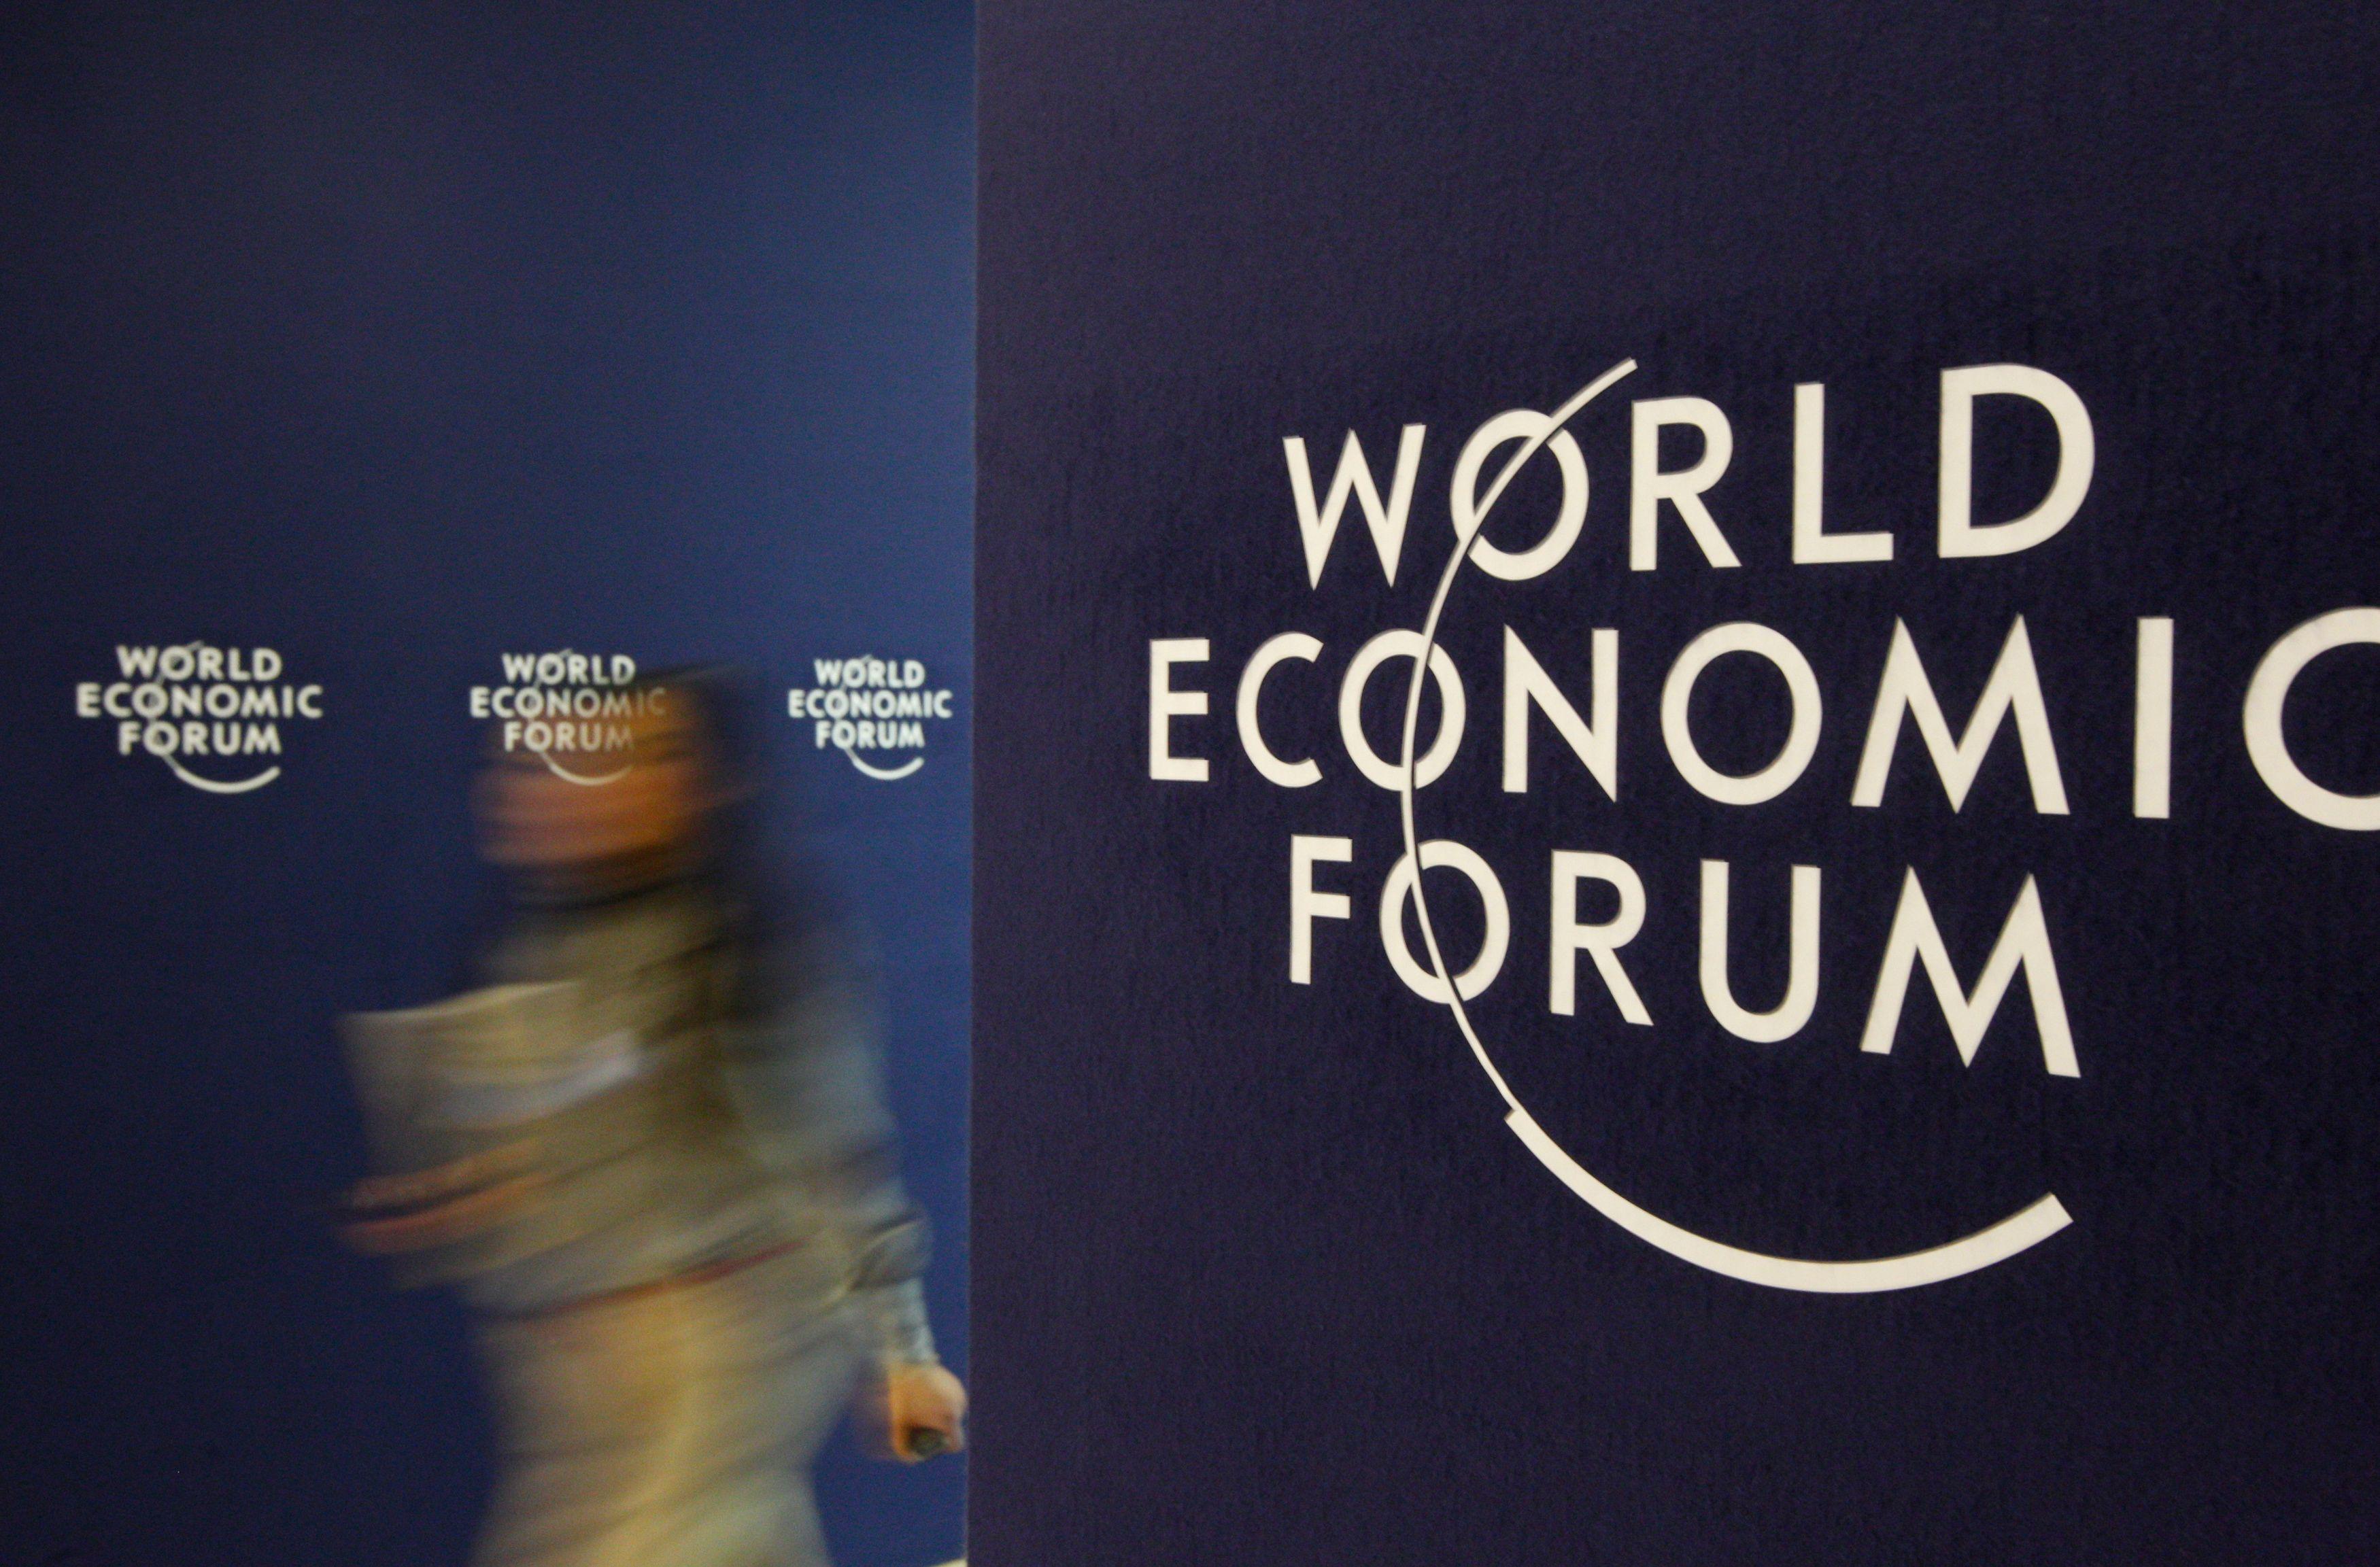 Le forum de Davos relève plus du débat, de la confrontation d'idées entre scientifiques.